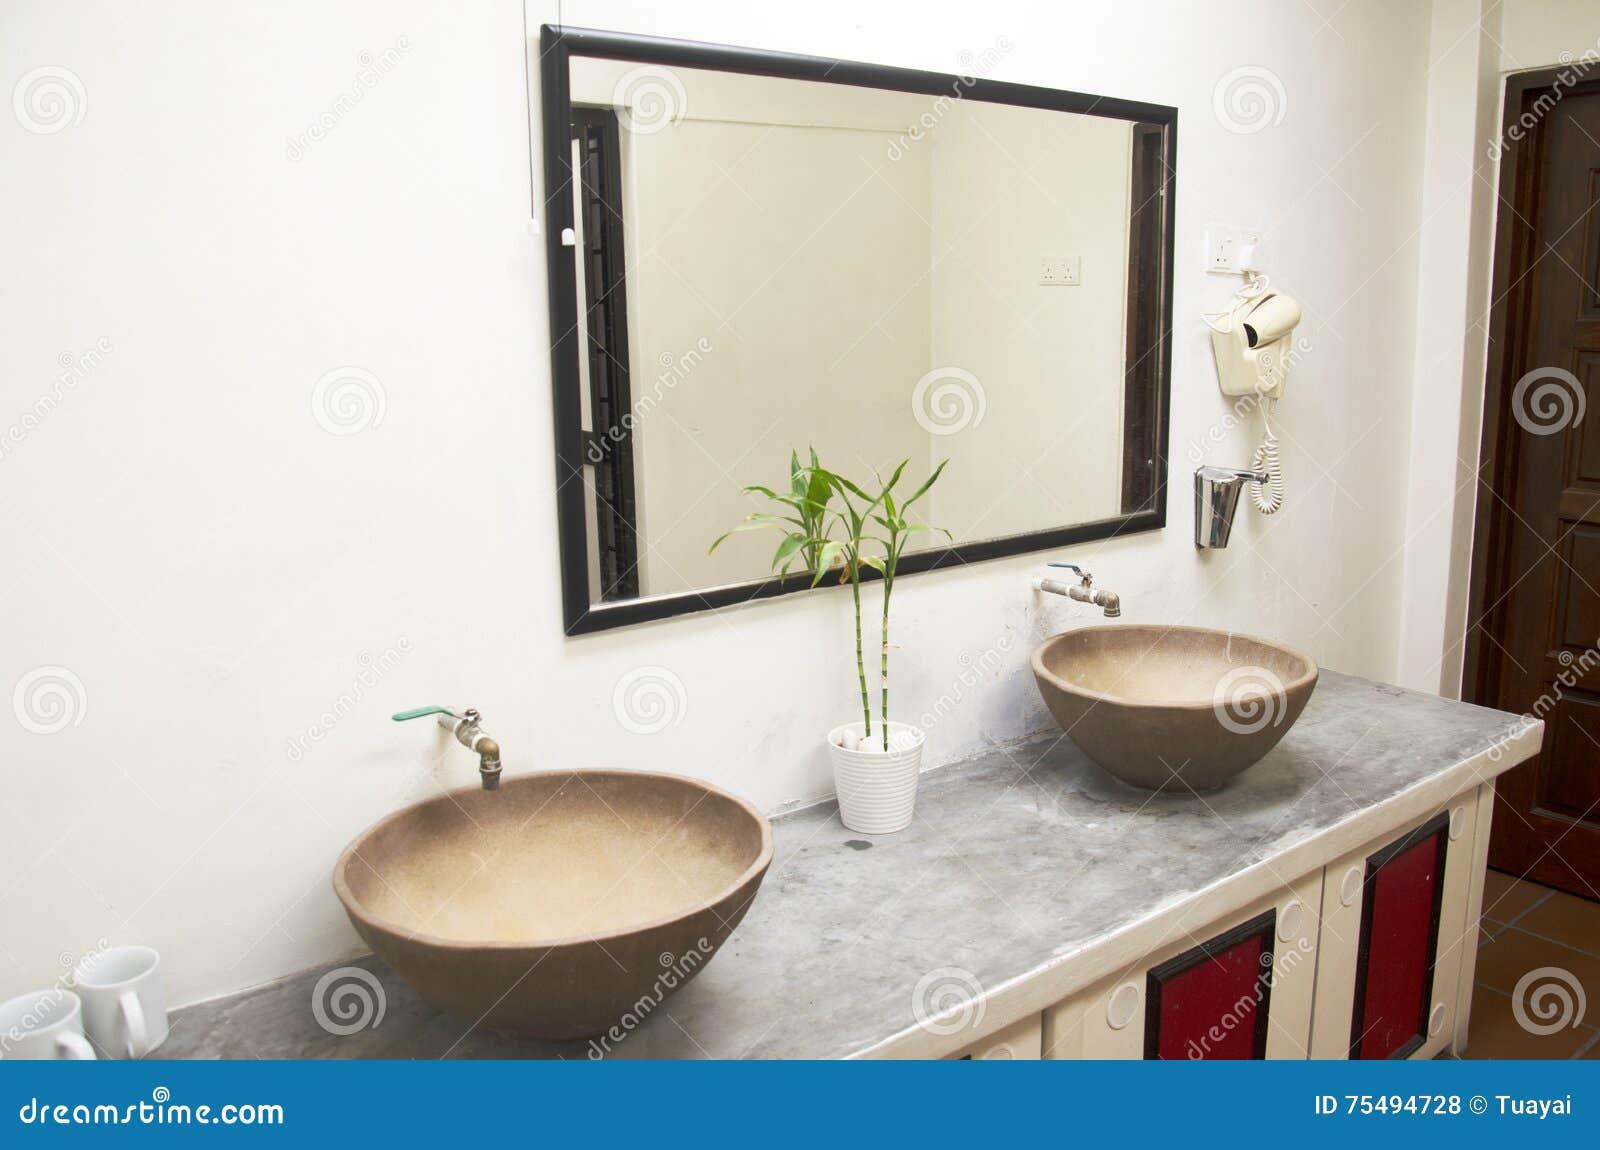 Retro- Badezimmer Und Dekoration Im Hotel Stockfoto - Bild von haupt ...